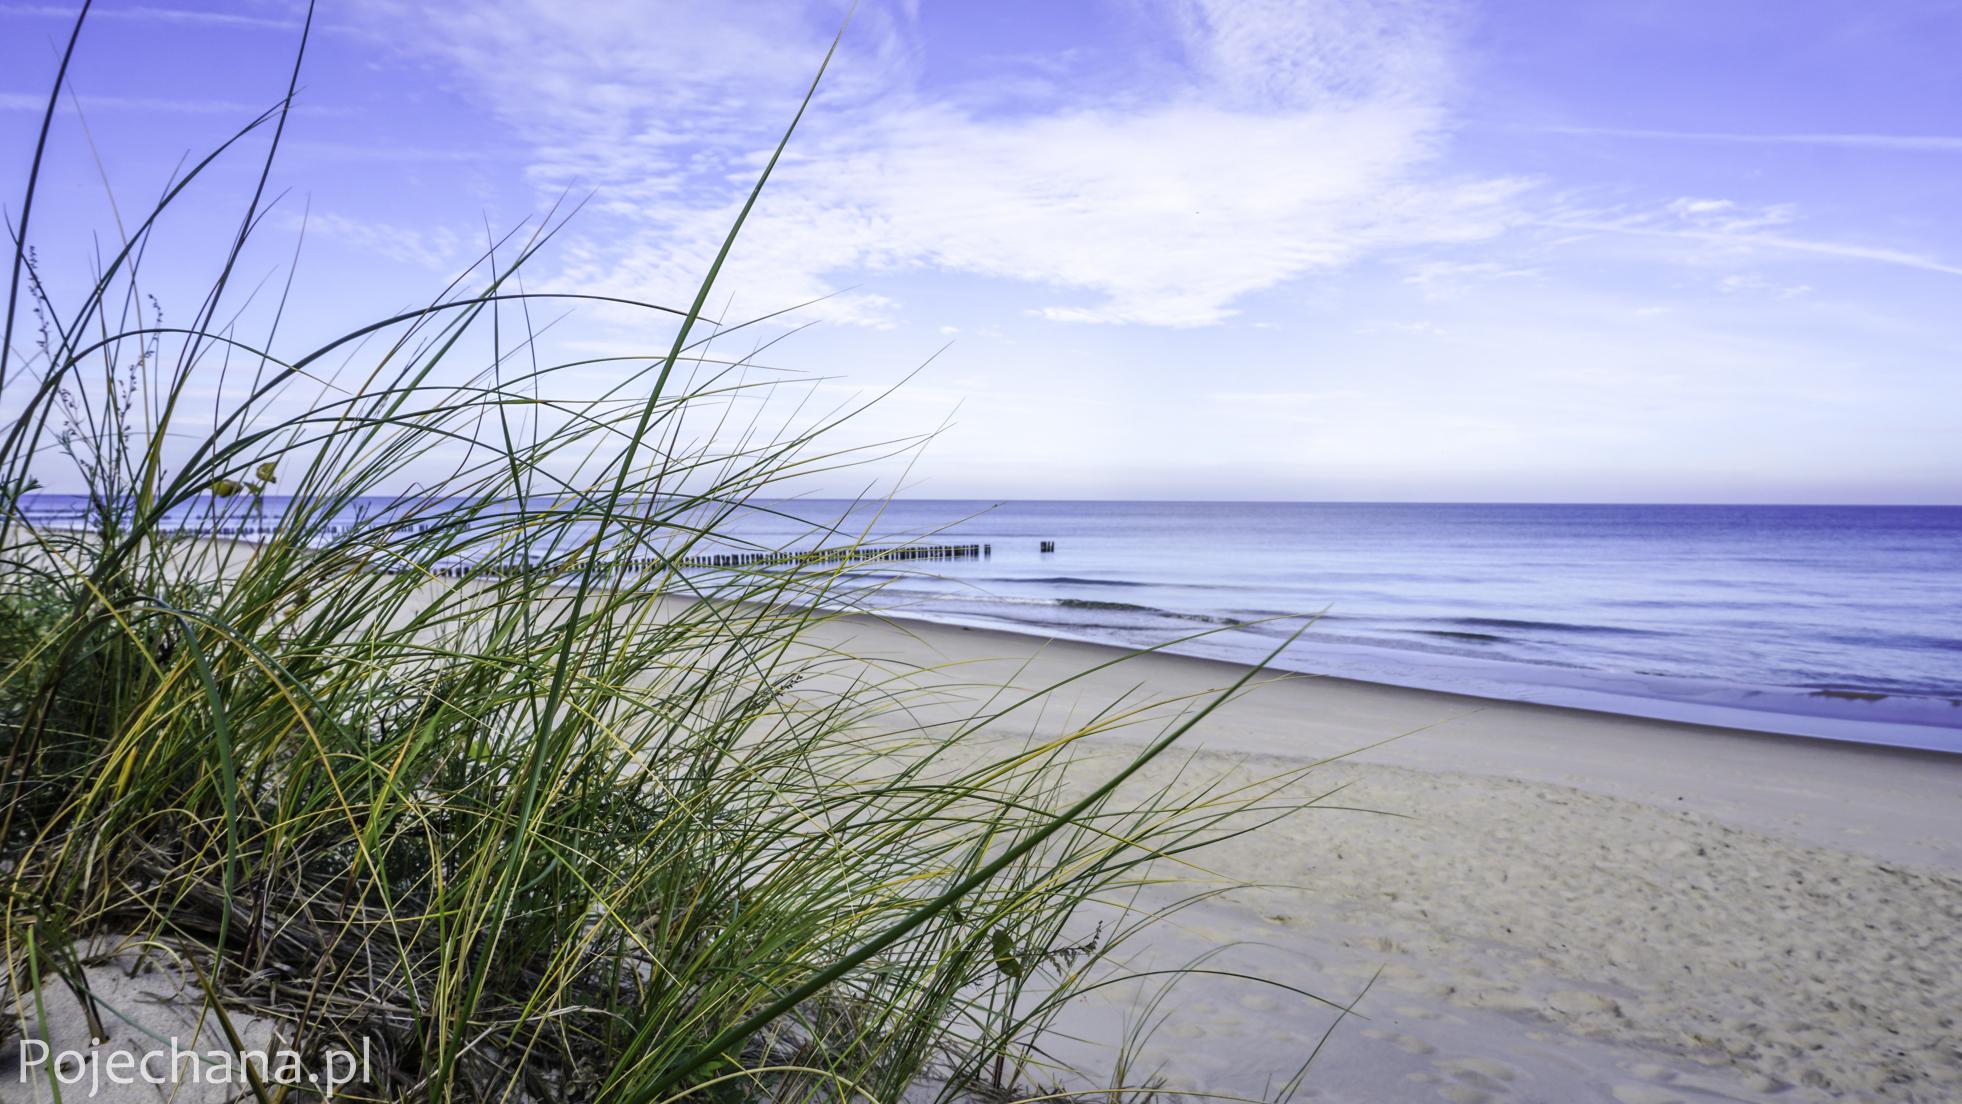 szybkie randki na północnych plażach randki online znajdź kogoś